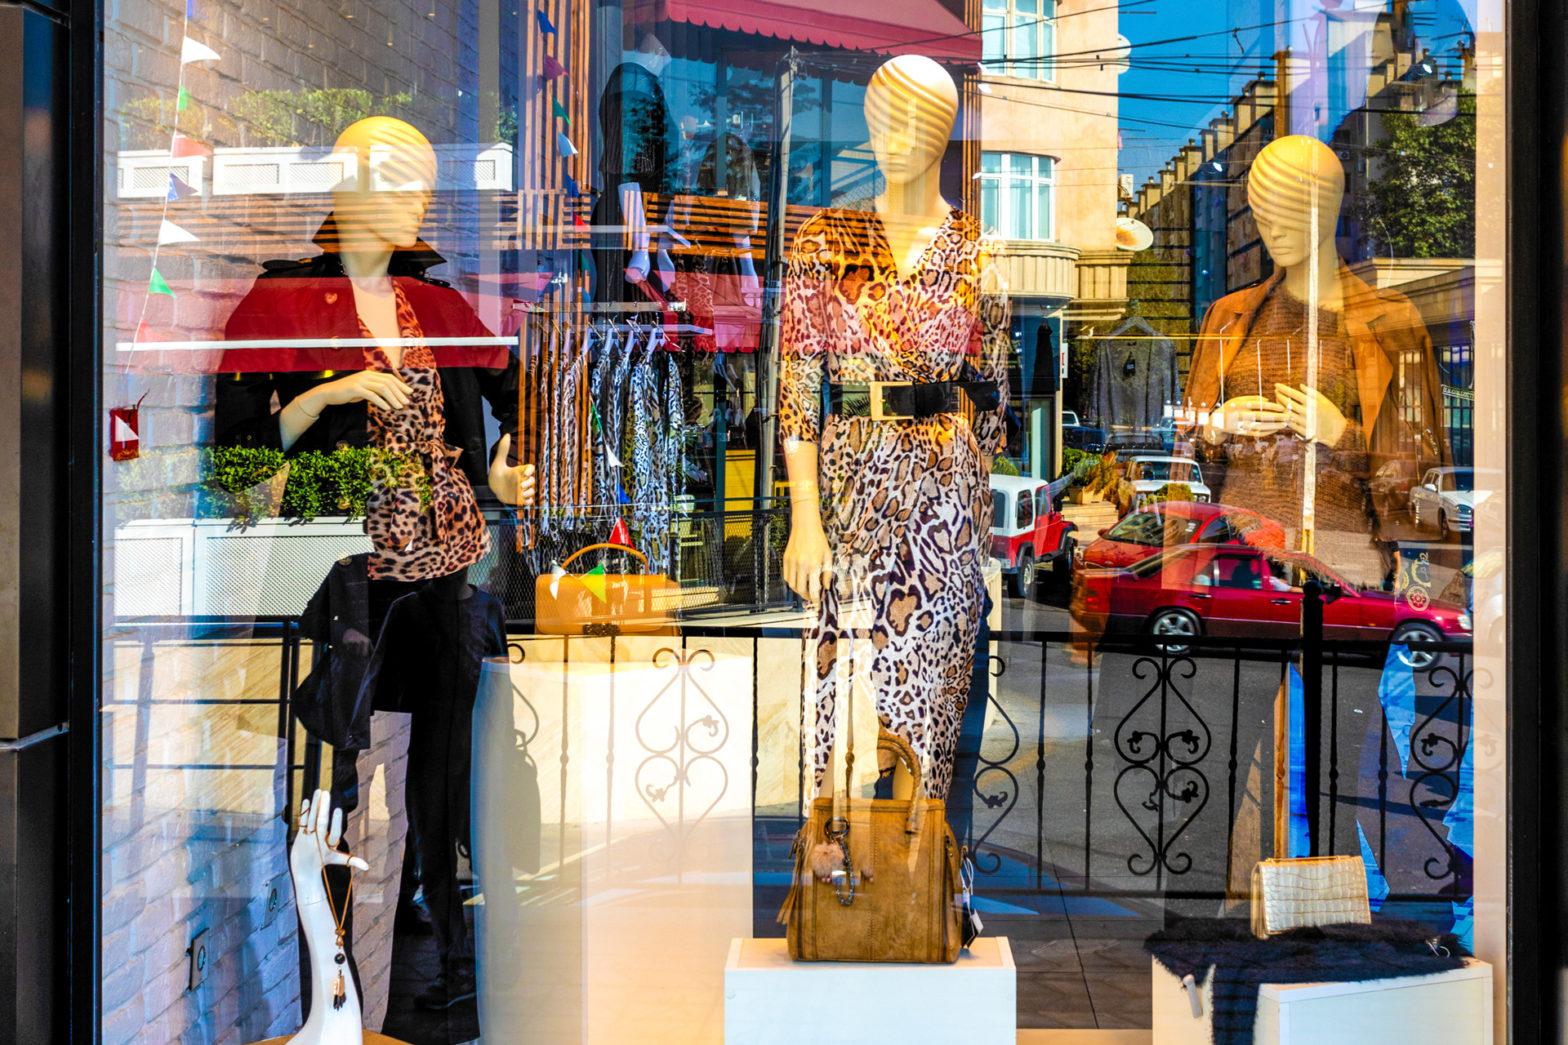 Tung start på 2021 för hela modehandeln